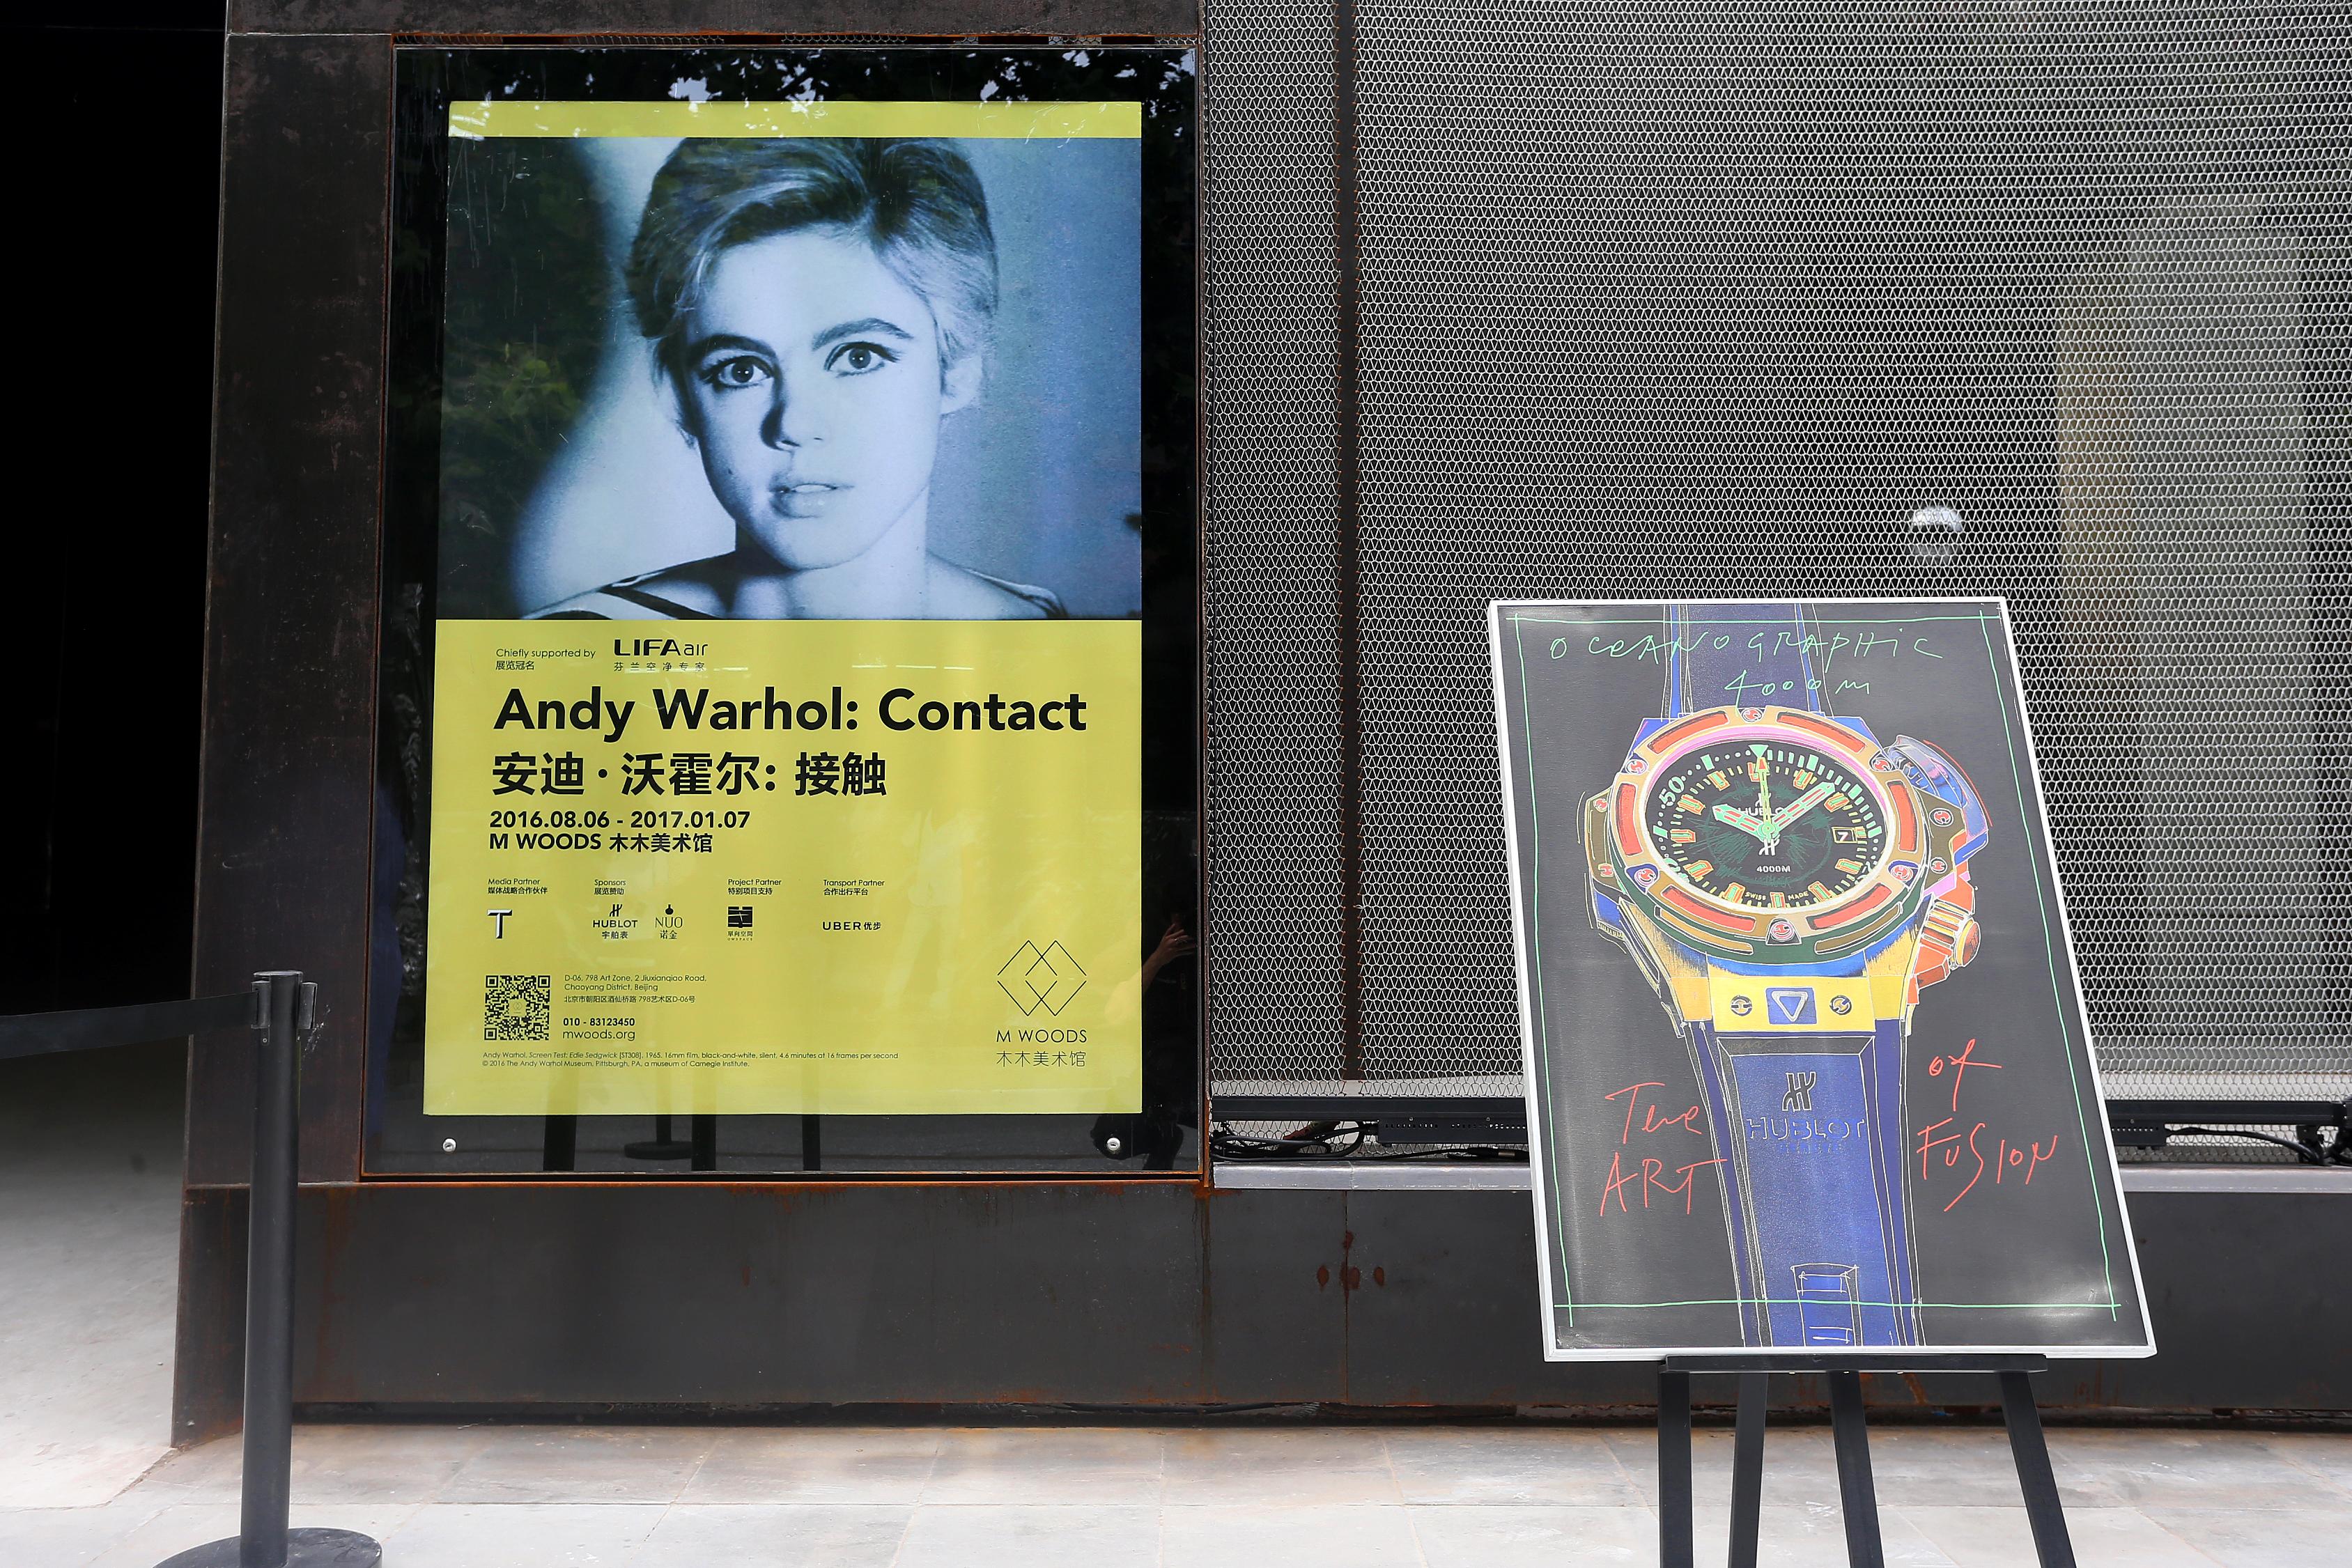 Hublot exhibe a Warhol en Beijing